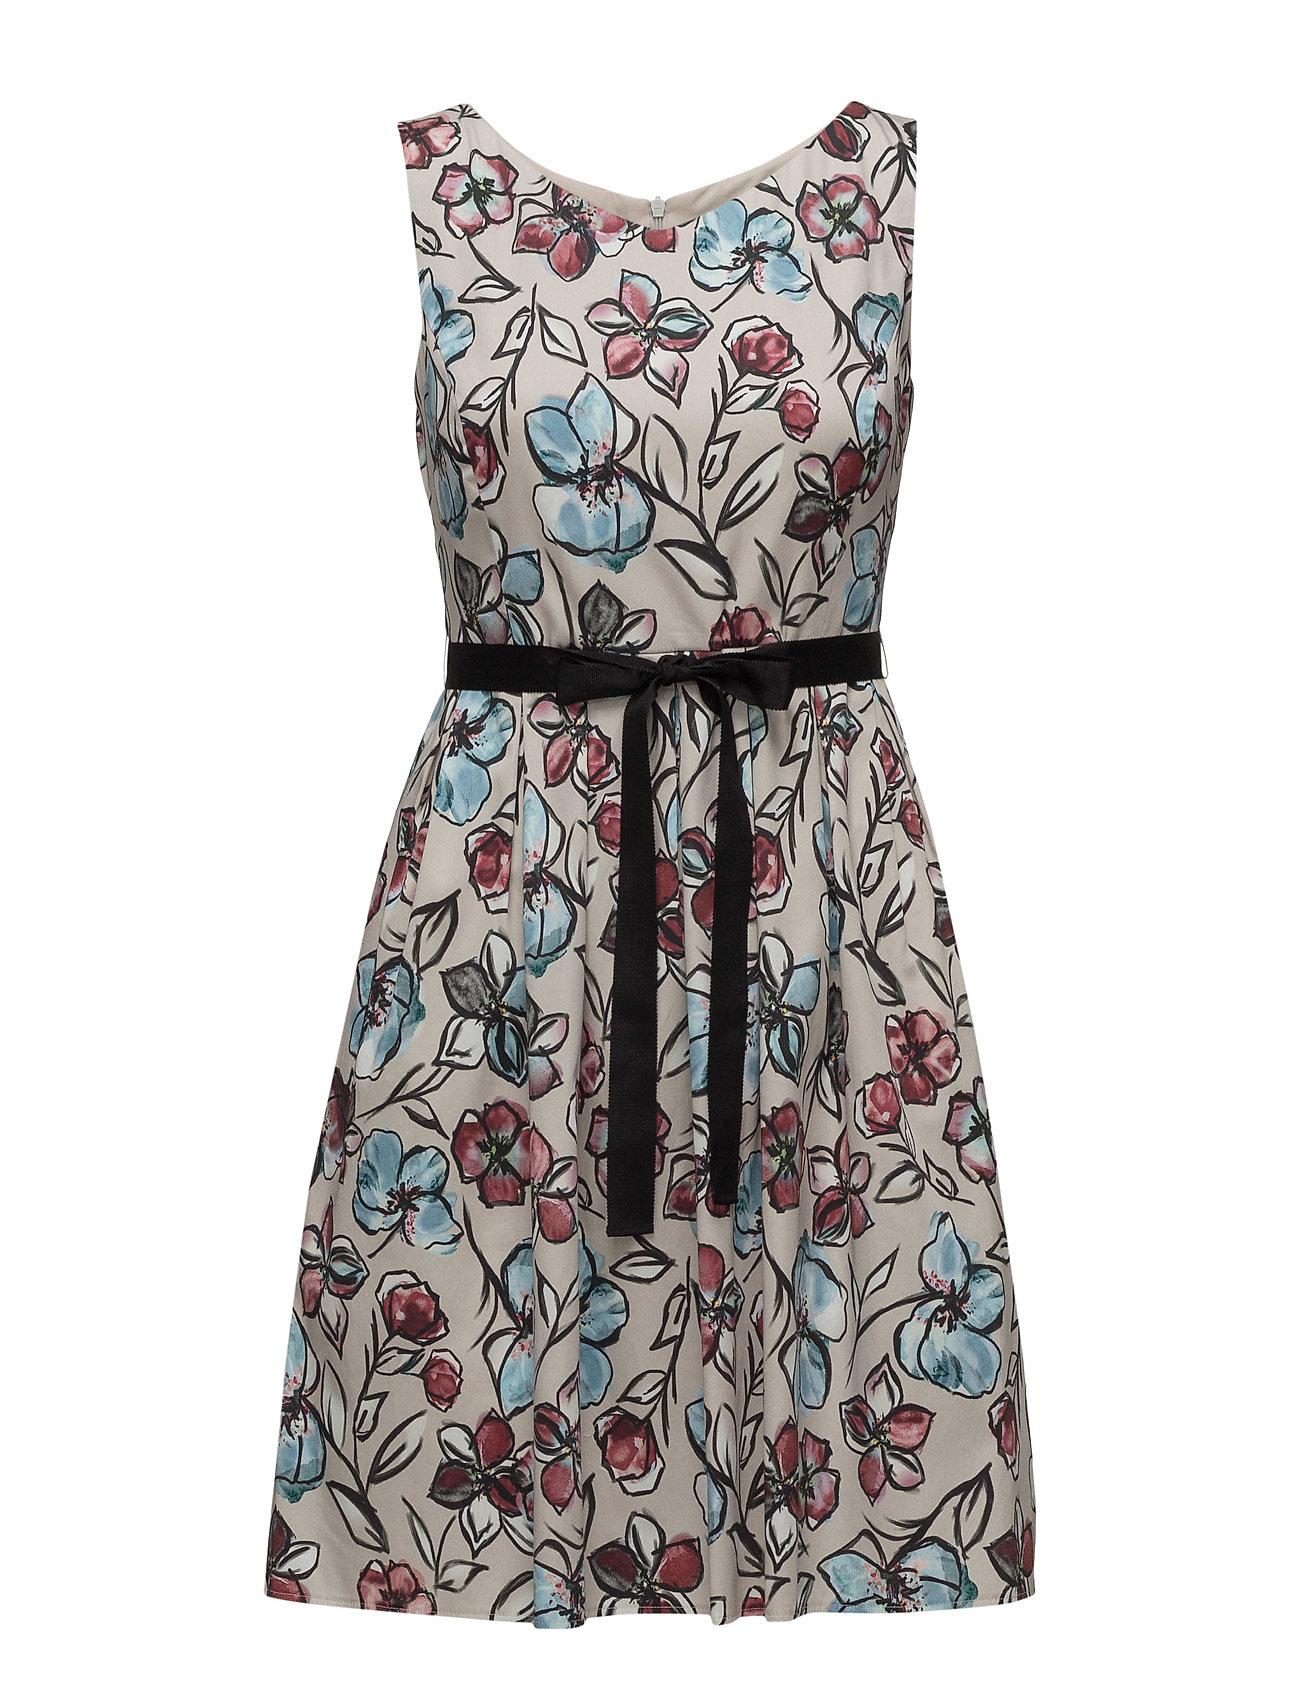 taifun – Dress woven fabric på boozt.com dk